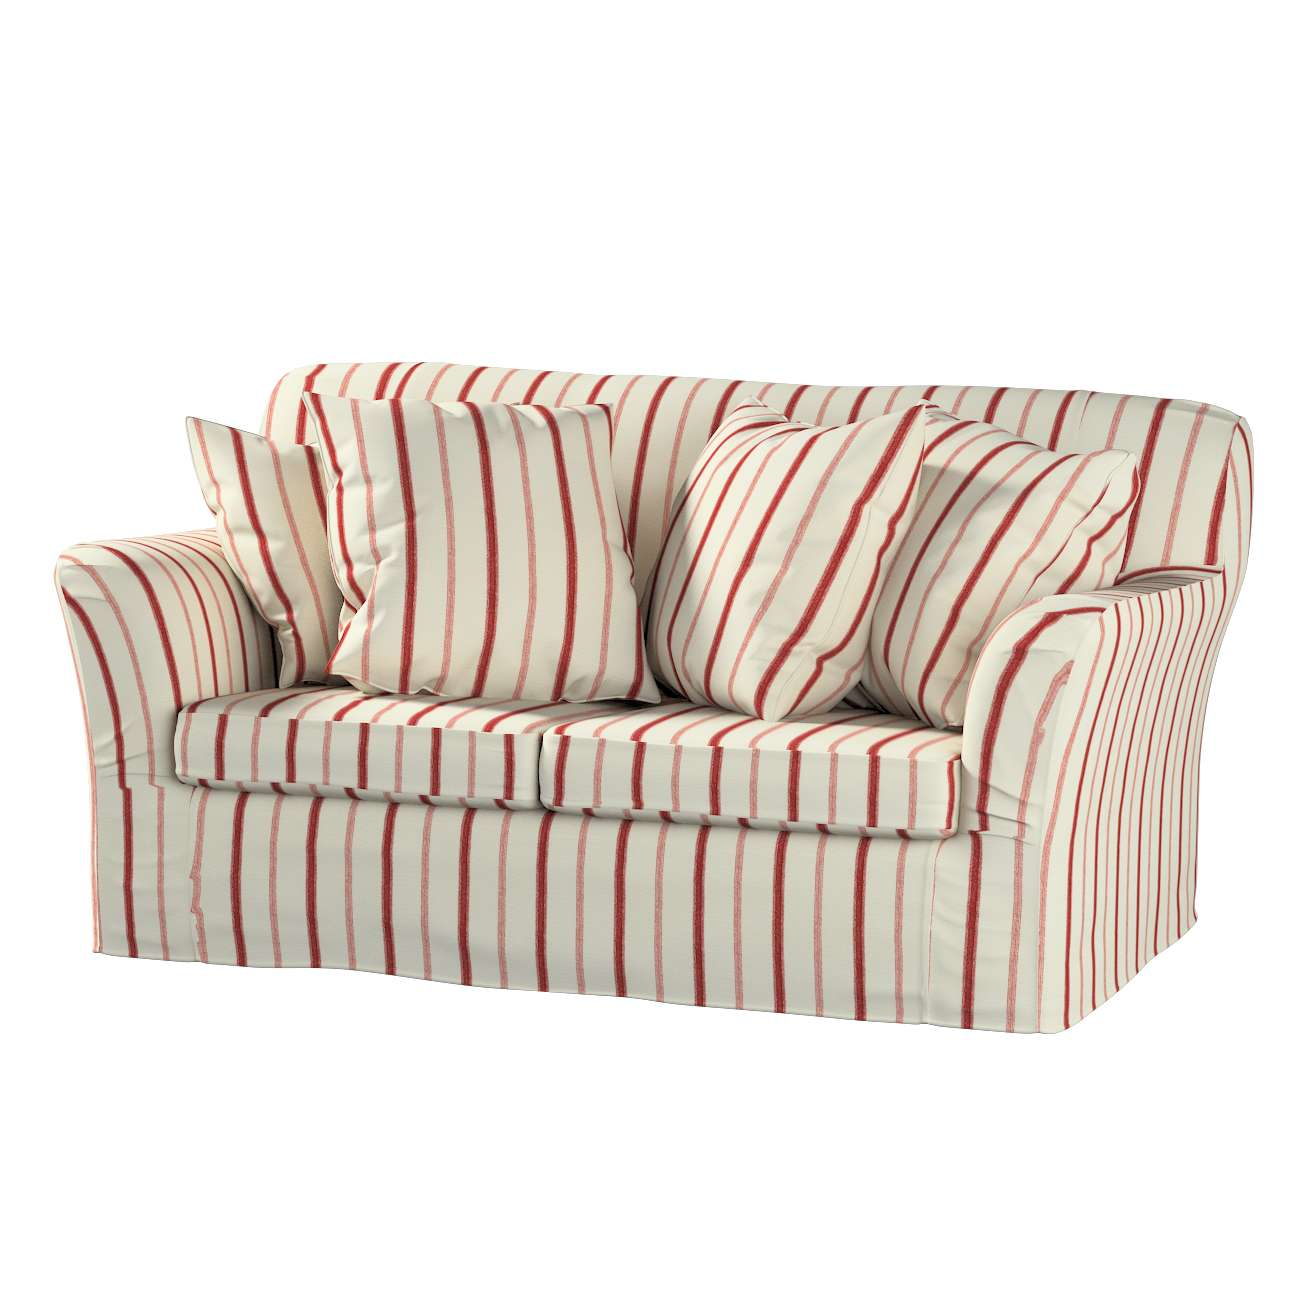 TOMELILLA  dvivietės sofos užvalkalas TOMELILLA dvivietė sofa kolekcijoje Avinon, audinys: 129-15